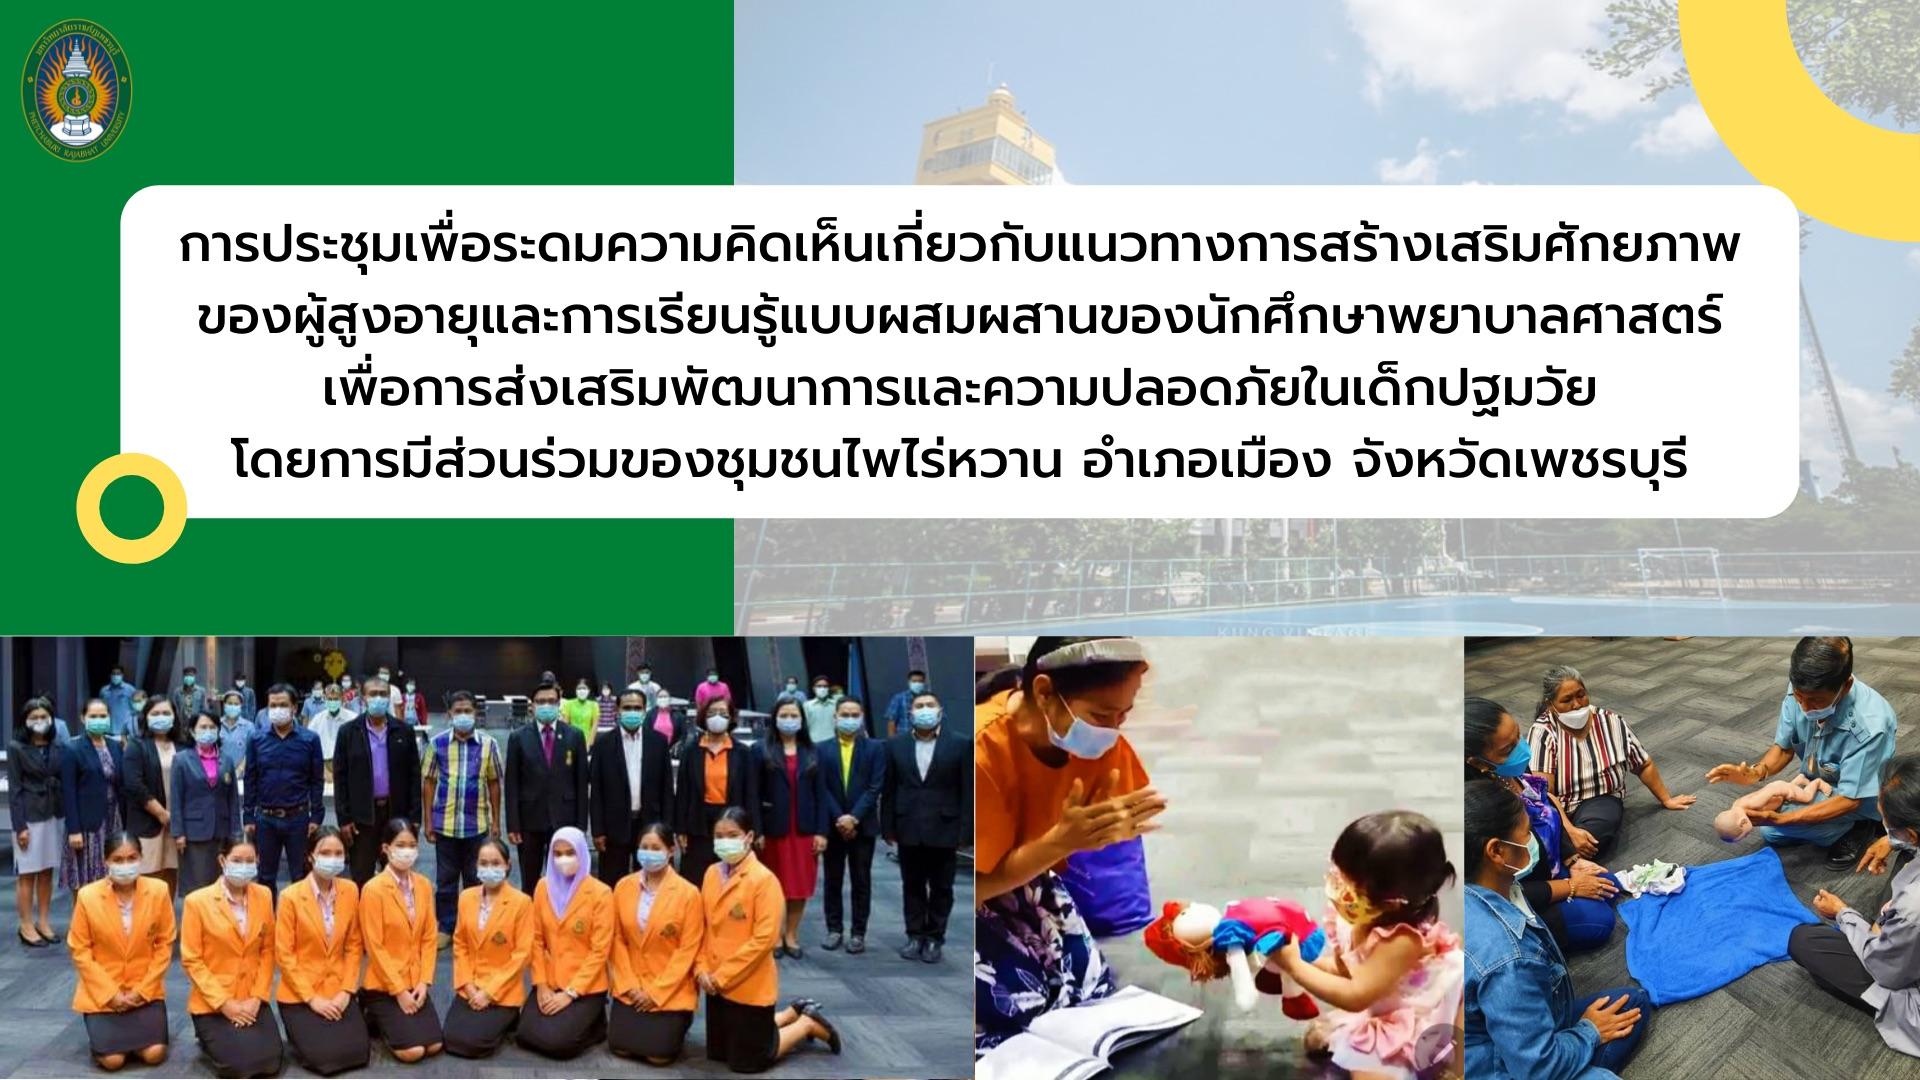 วีดิทัศน์  รายงานผลโครงการยุทธศาสตร์การพัฒนาท้องถิ่นมหาวิทยาลัยราชภัฏเพชรบุรี ประจำปีงบประมาณ 2564 โครงการศูนย์สุขภาพเด็กต้นแบบ ระยะที่1: หนูน้อยปลอดภัย พัฒนาการสมวัย สุขใจต่างรุ่น  มหาวิทยาลัยราชภัฏเพชรบุรี